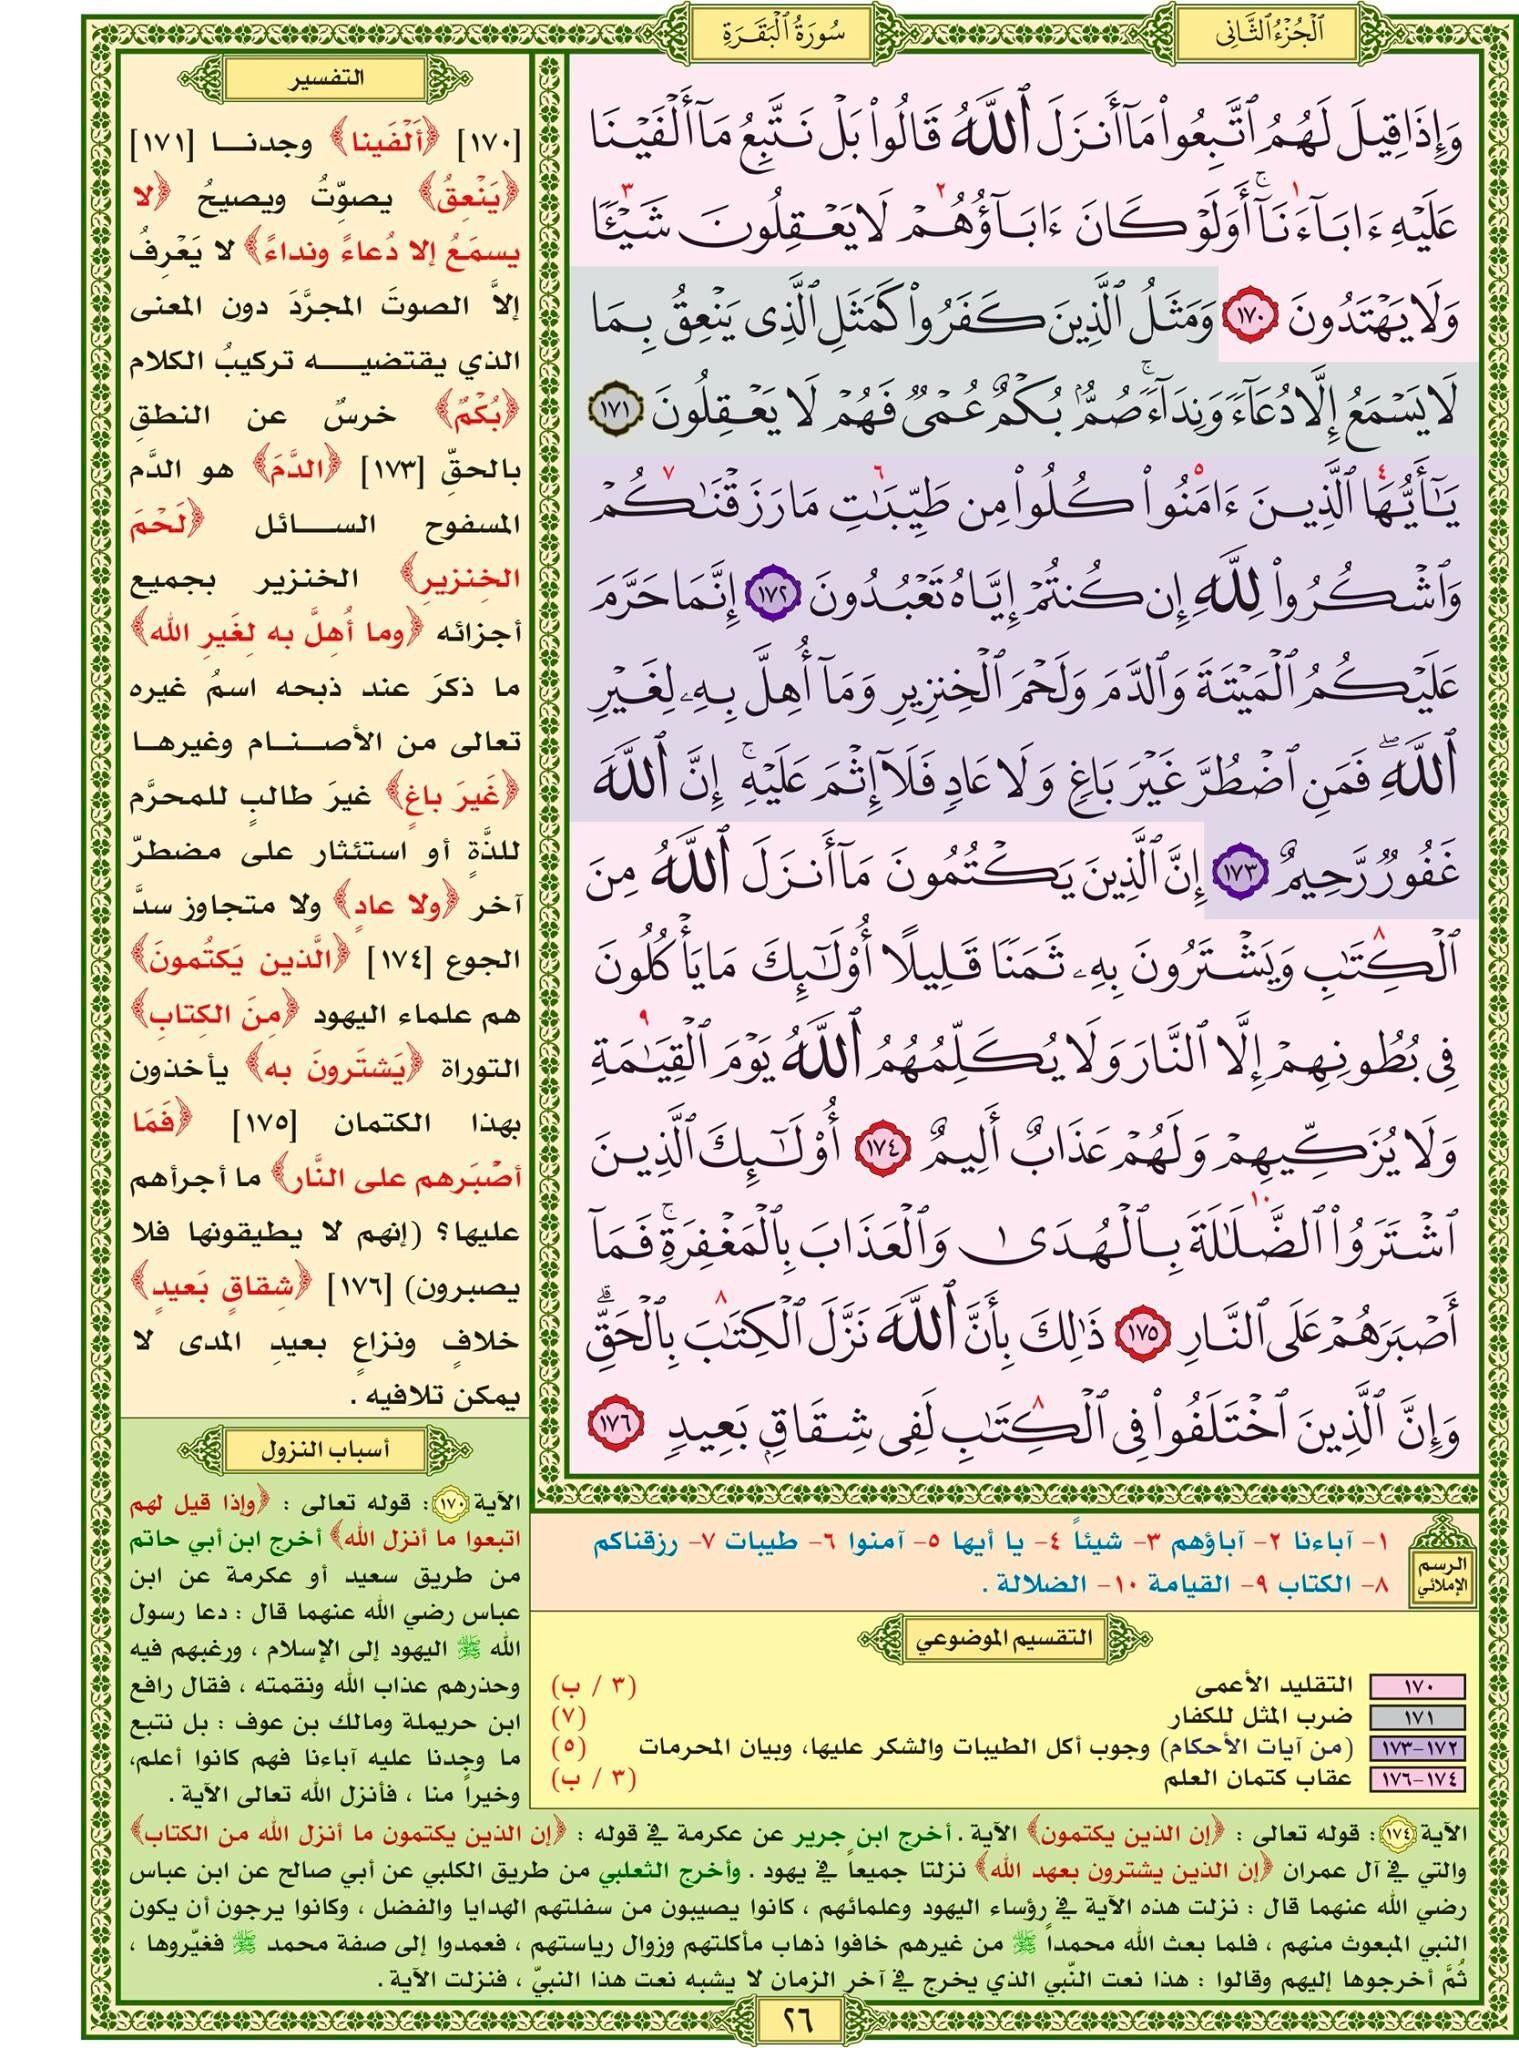 سورة البقرة صفحة رقم ٢٦ مصحف التقسيم الموضوعي للحافظ المتقن Quran Verses Bullet Journal Verses